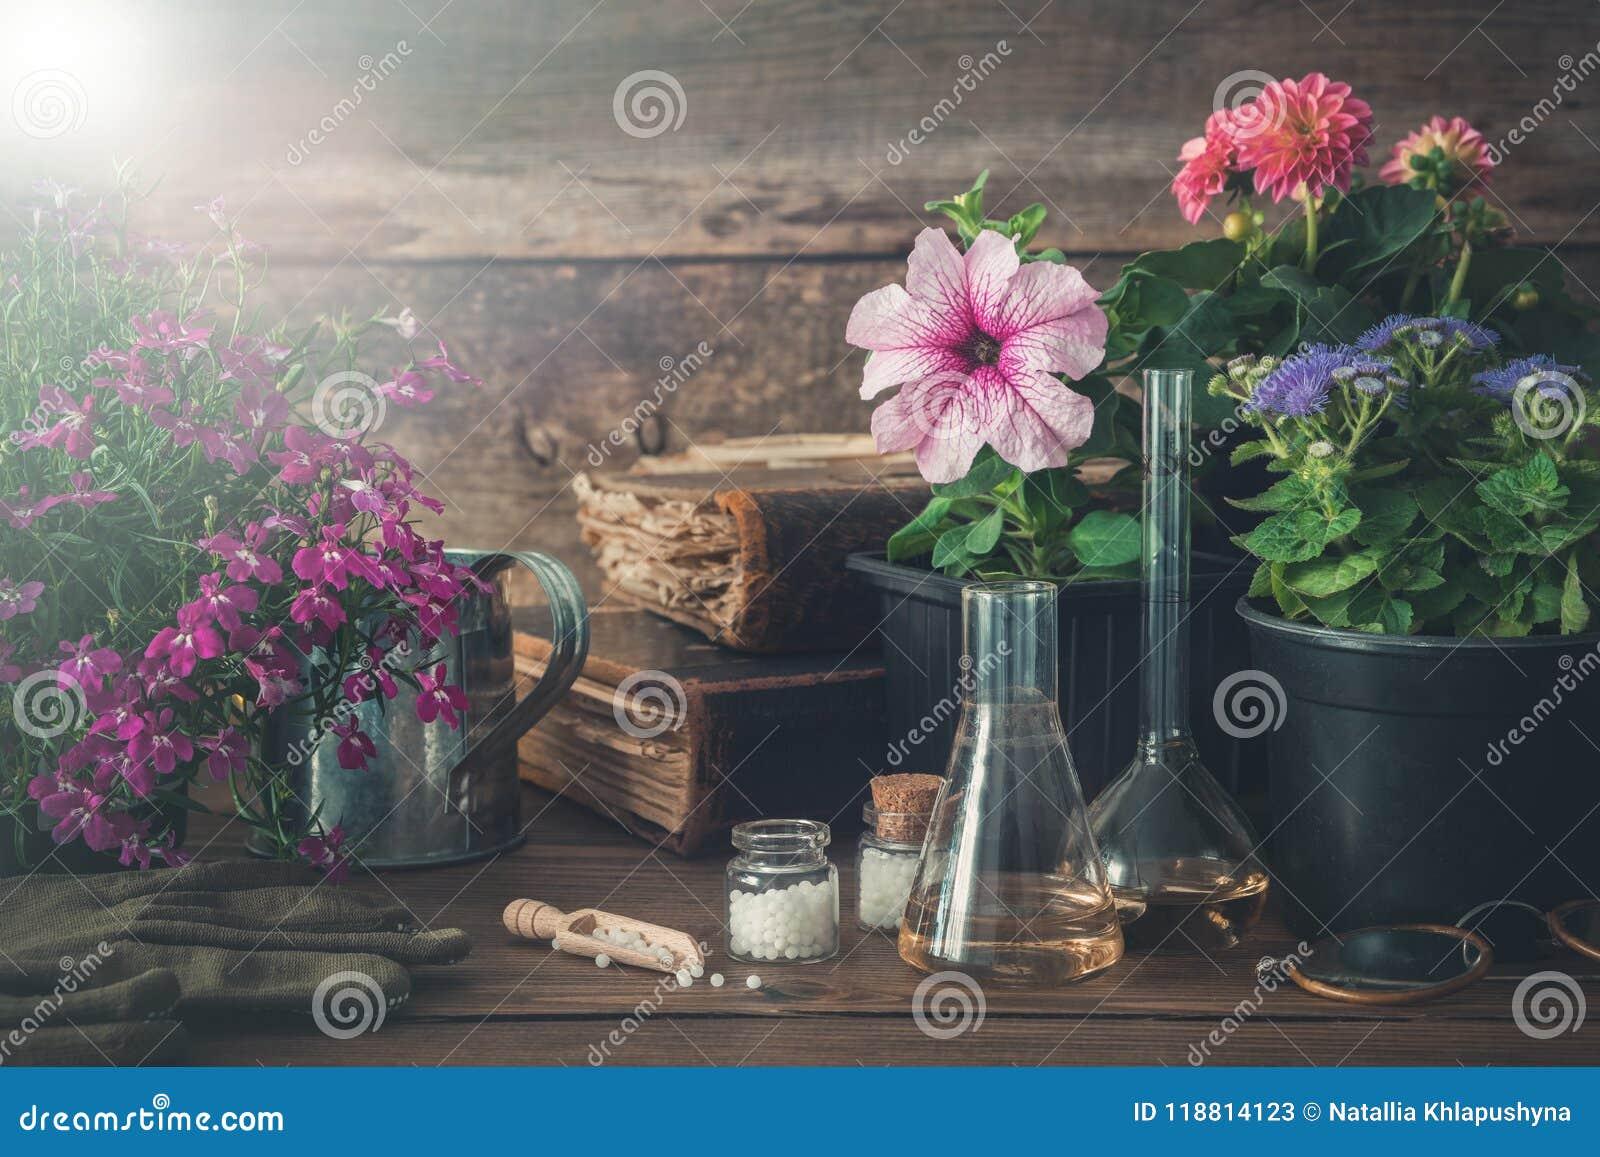 Planta av trädgårds- växter och blommor, gamla böcker och homeopatiska boter för växter